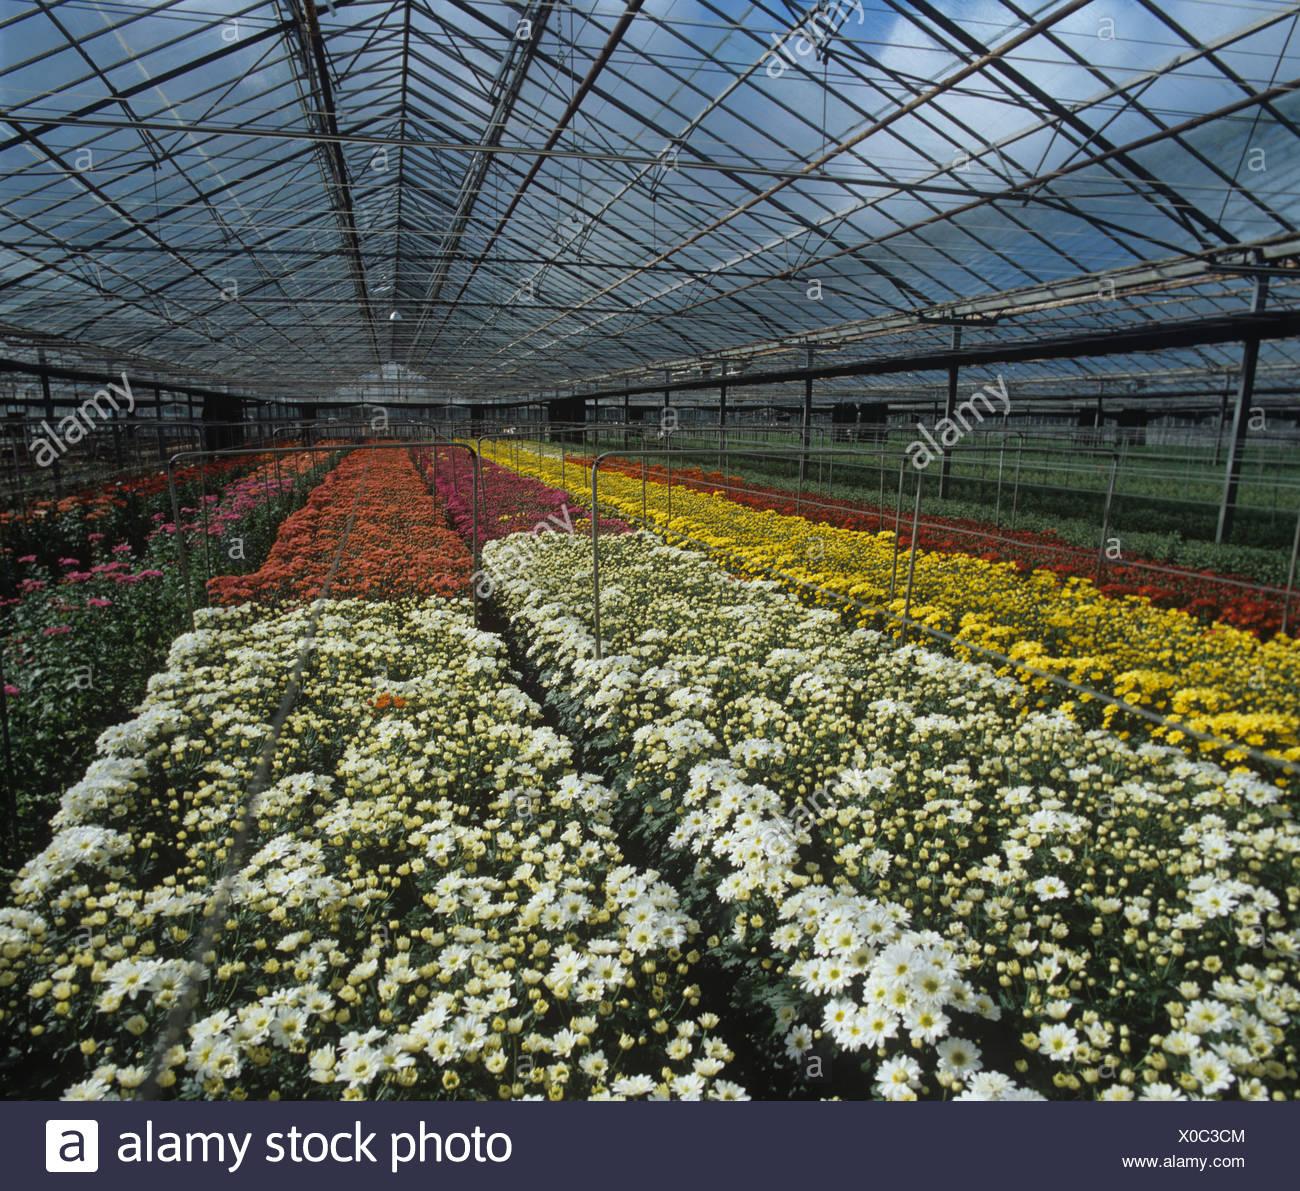 Serra di grandi dimensioni con fioritura crisantemo spray raccolto, Sandy, Bedfordshire Immagini Stock